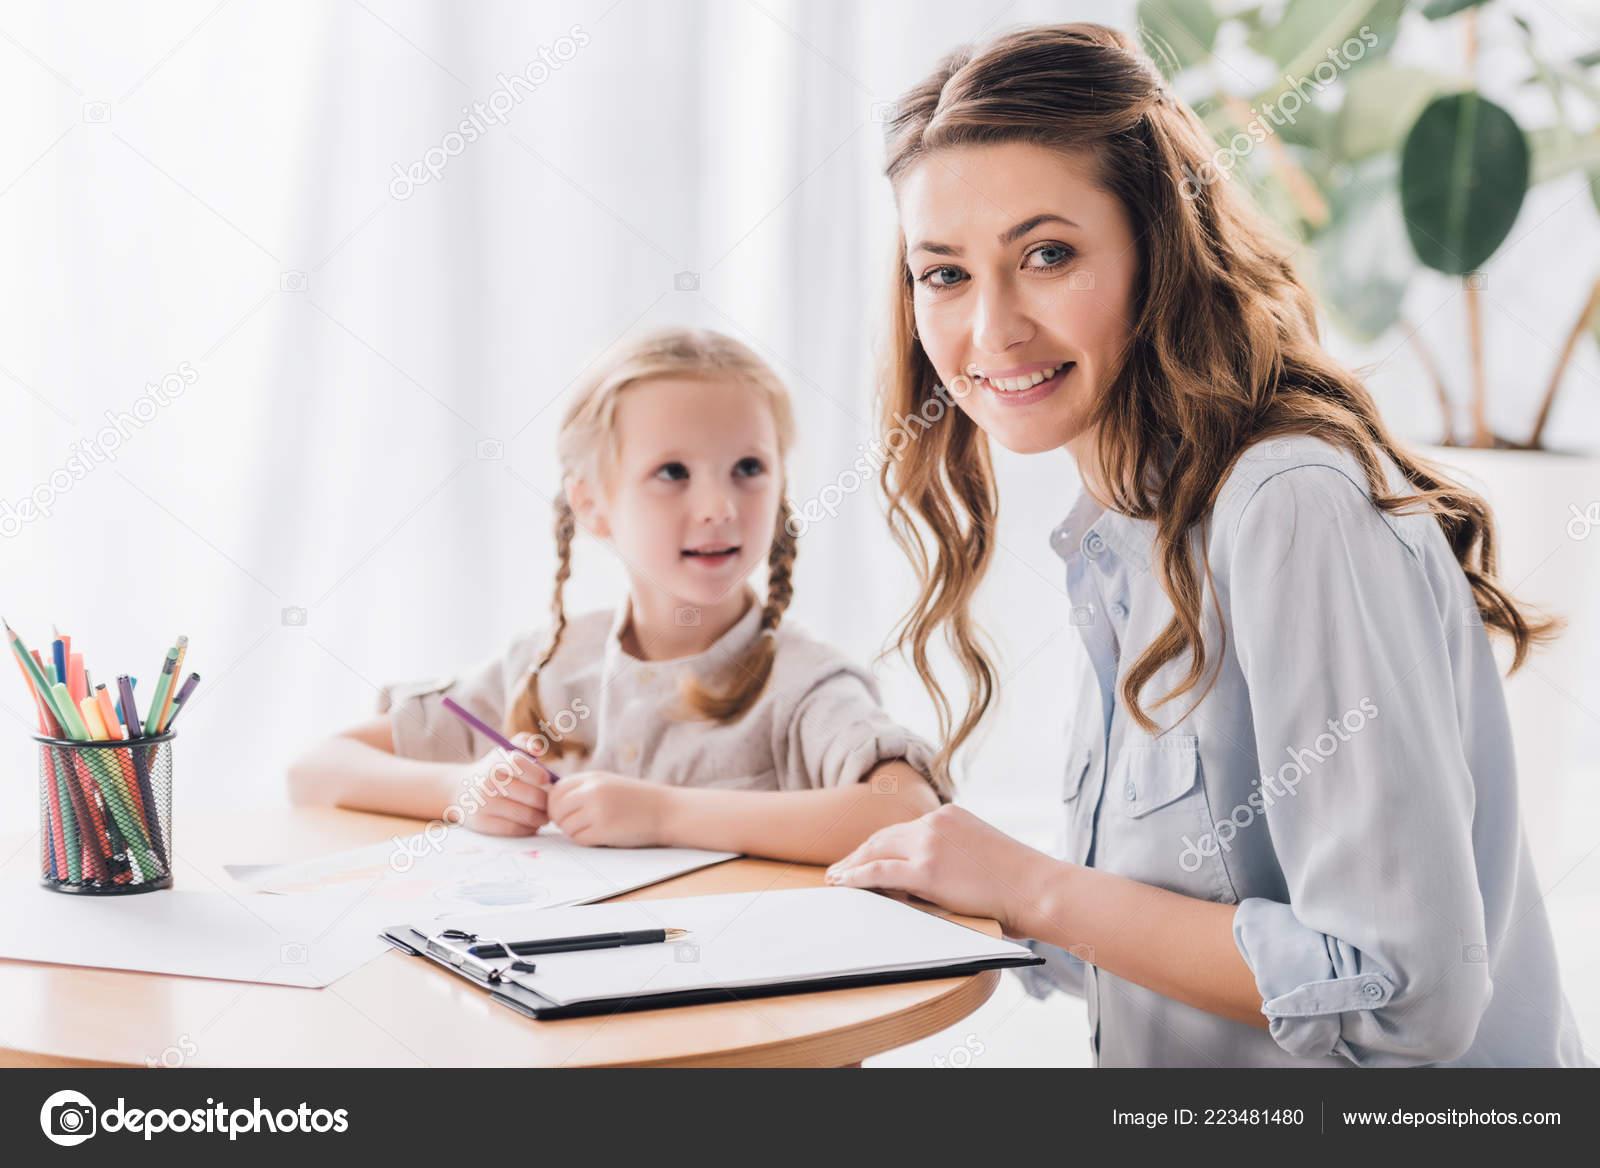 3c0d7c8ba Psicólogo sonriente con portapapeles sentarse cerca del niño mientras ella  dibujaba con lápices de colores y mirando a cámara — Foto de ...